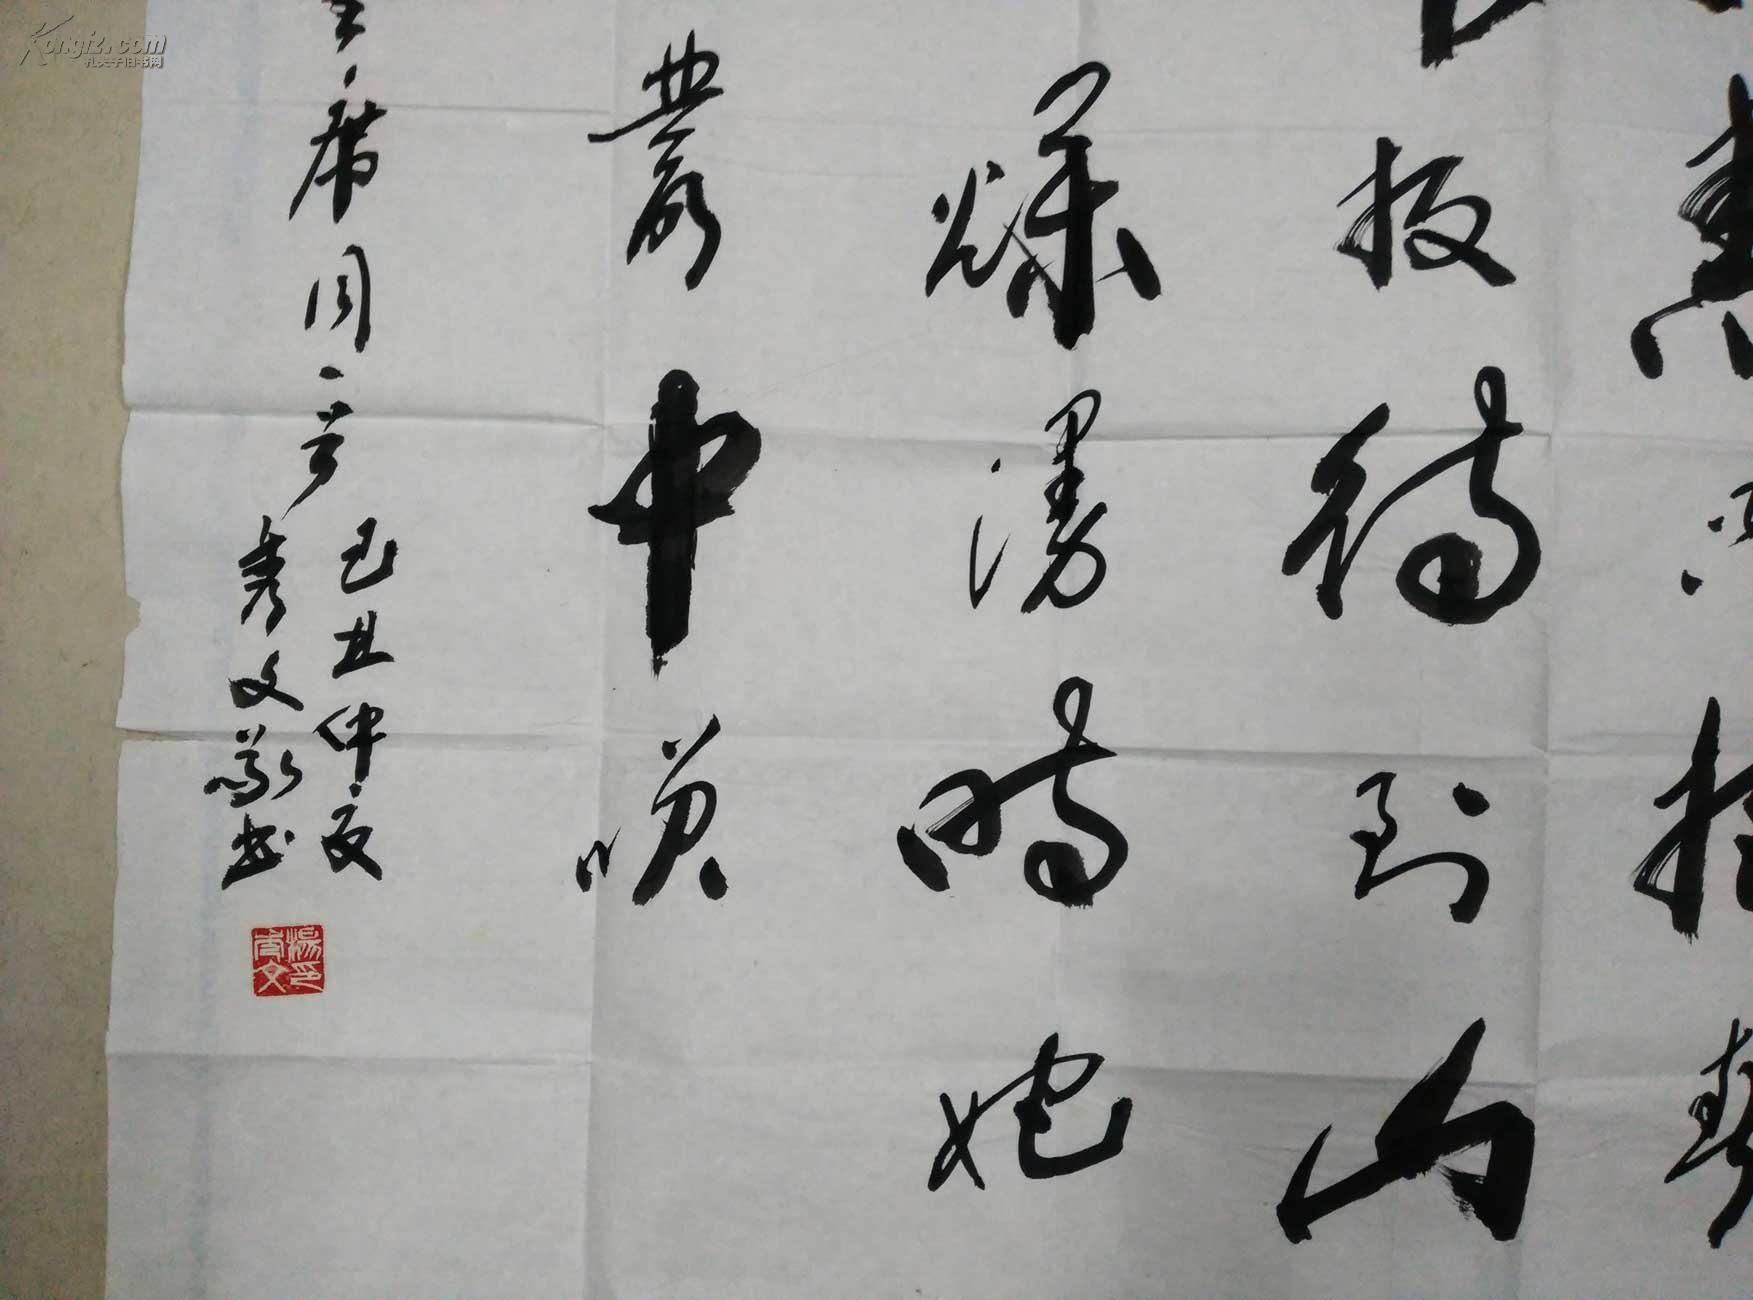 书法 书法作品 1753_1300图片